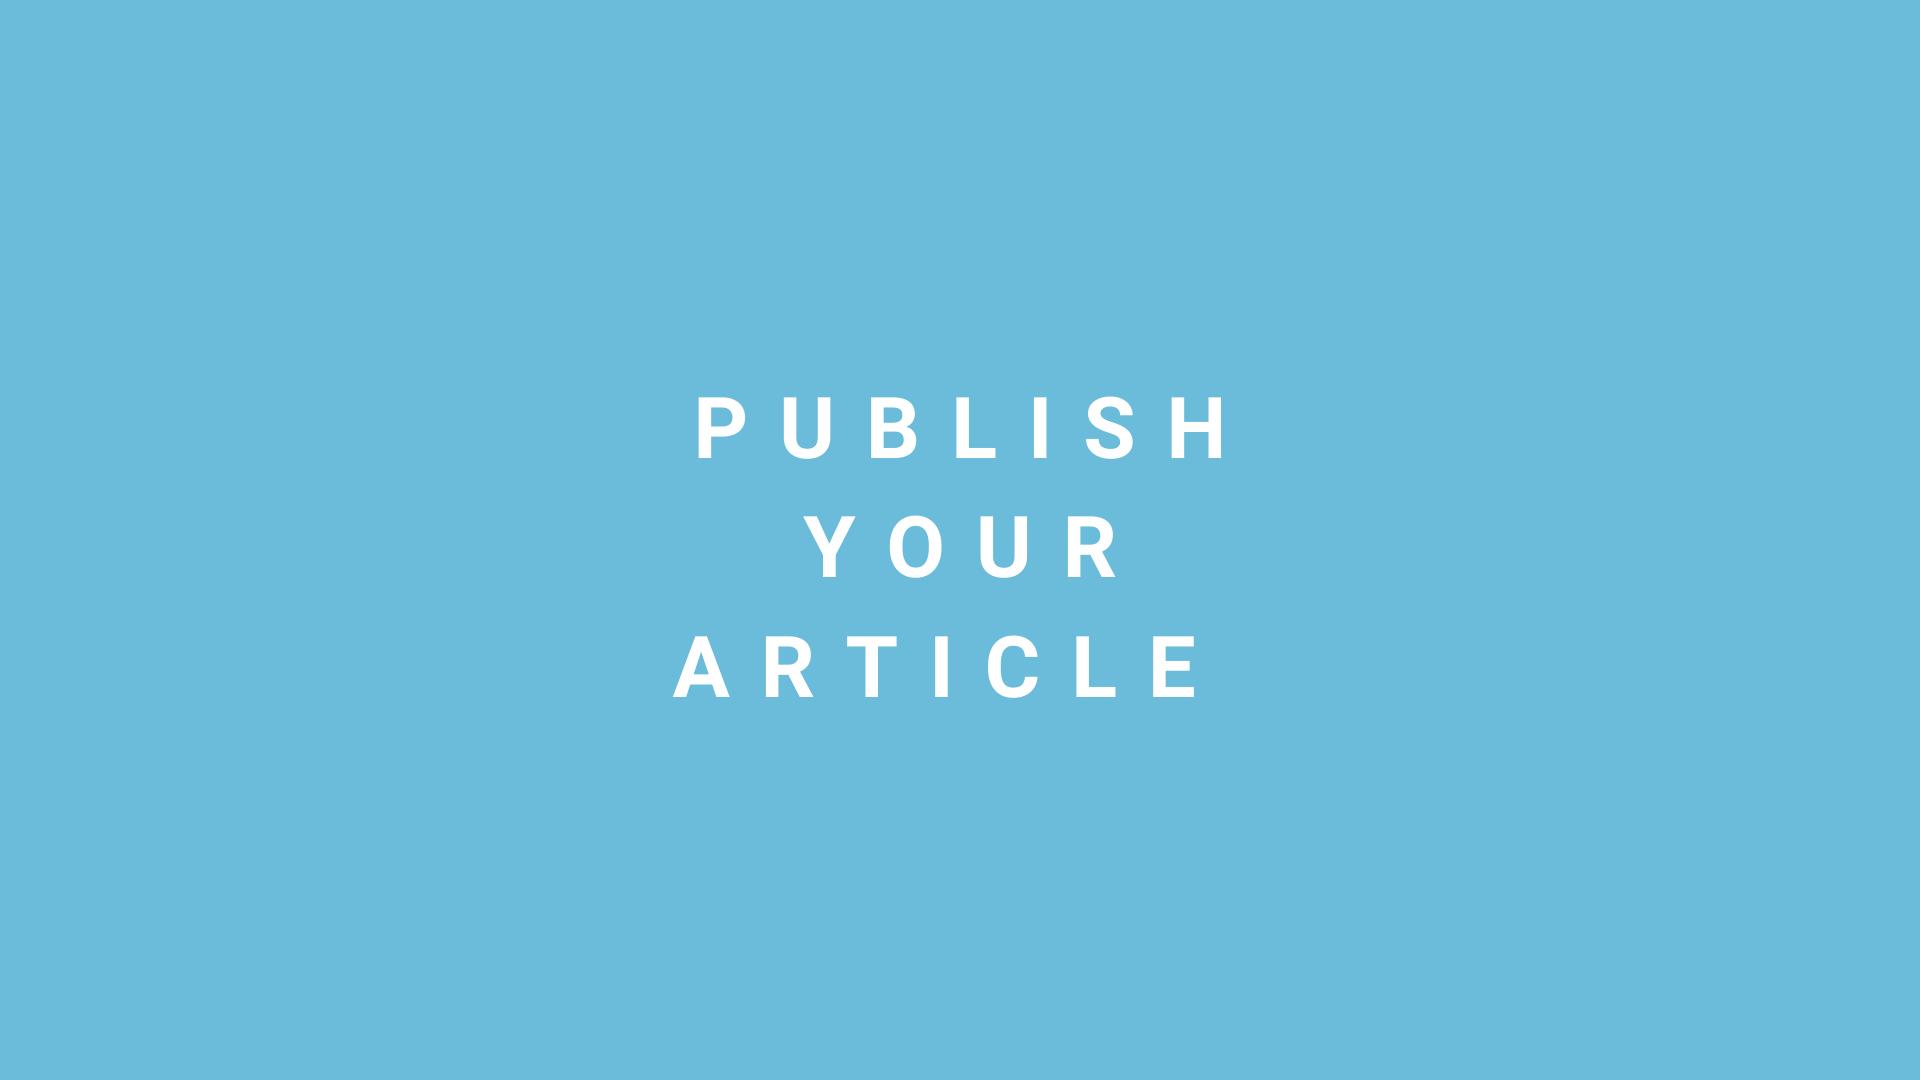 FREE-PUBLISHING-PLATFORM.png